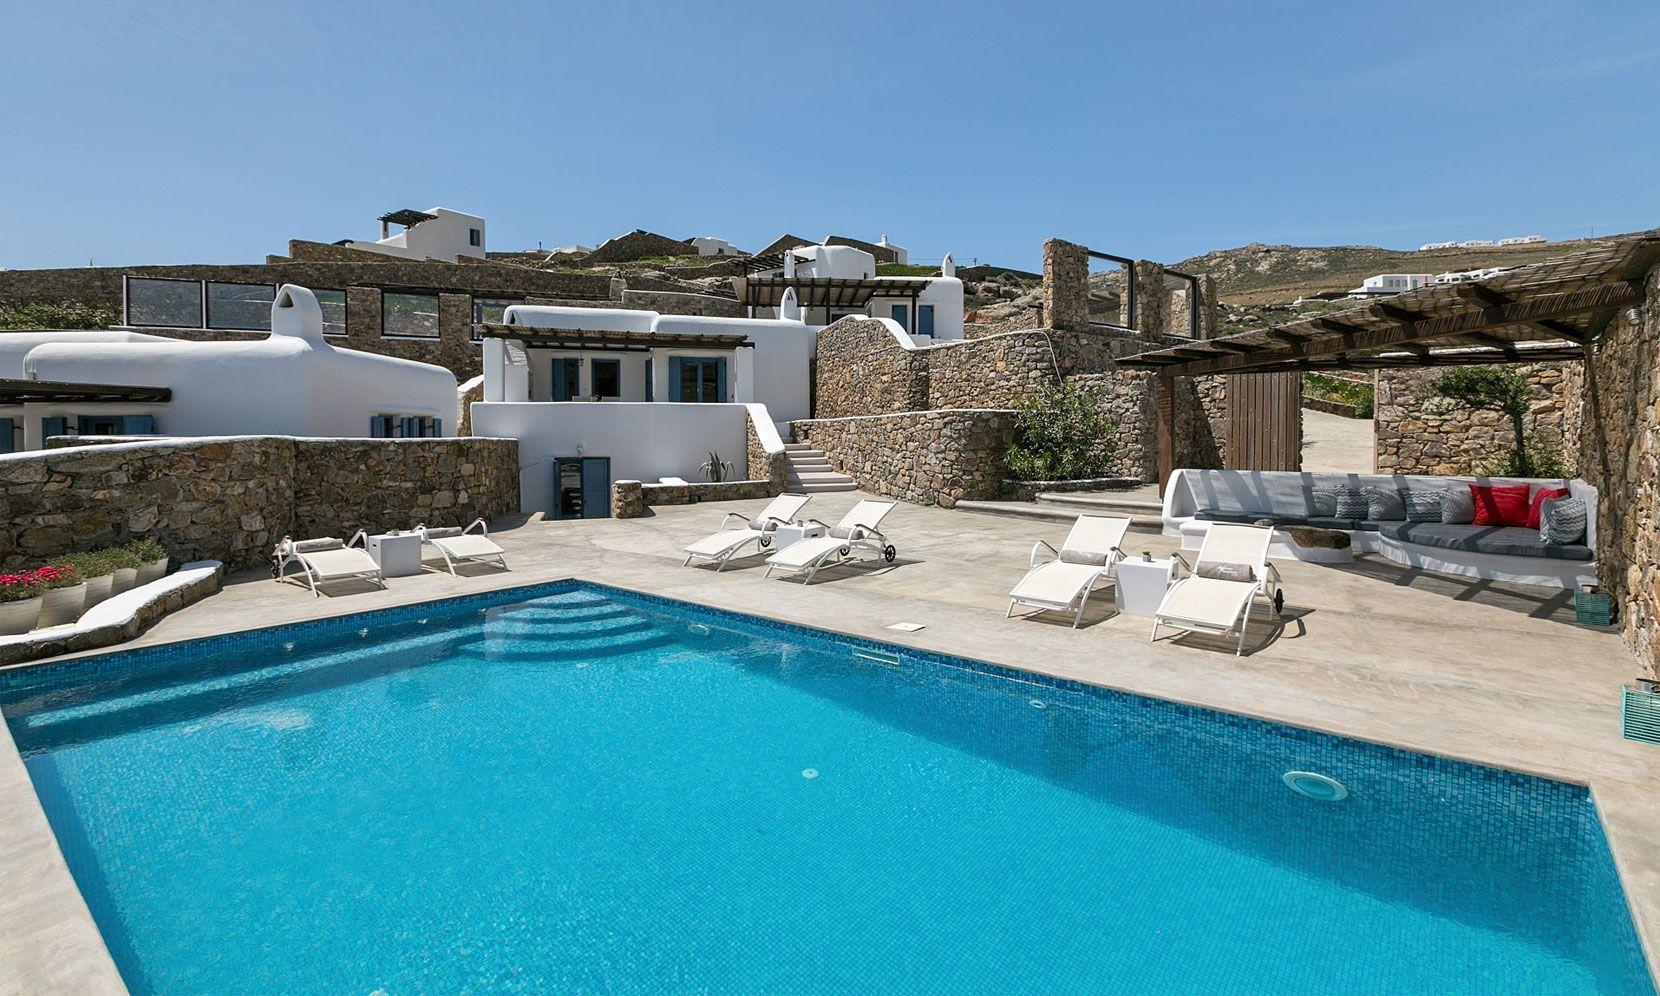 Mykonos Villa Hestia 2 jumbotron image